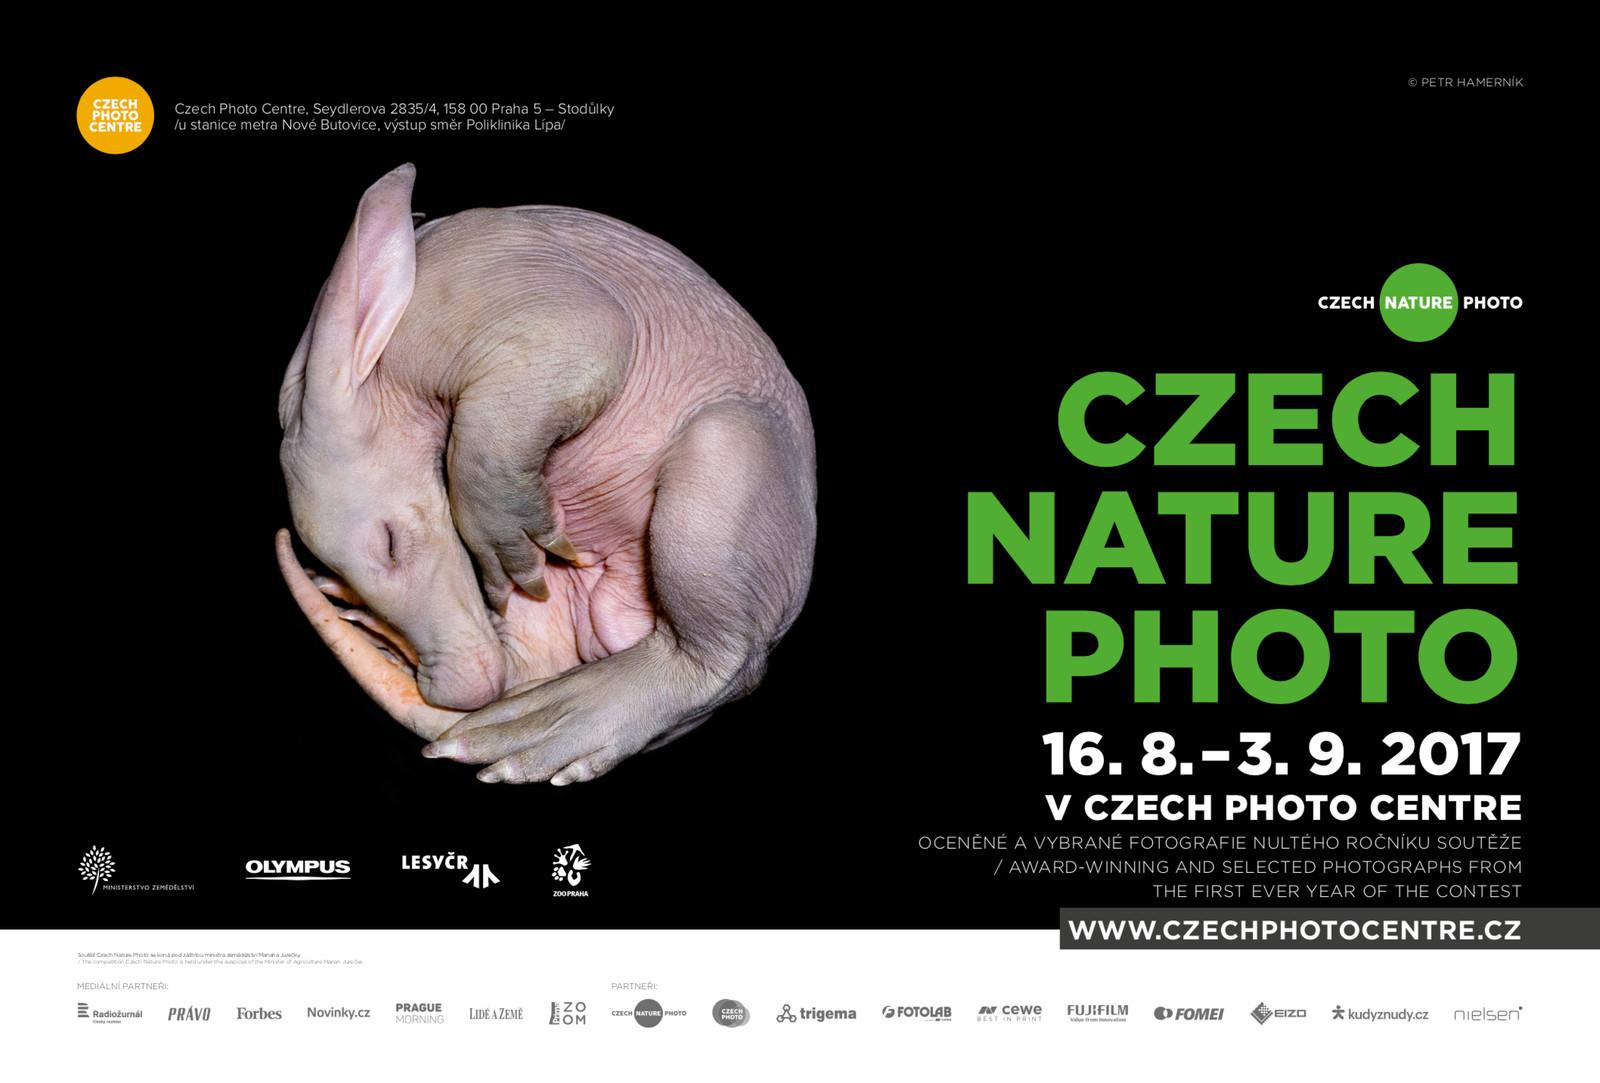 Plakát k výstavě oceněných fotografií v soutěži Czech Nature Photo